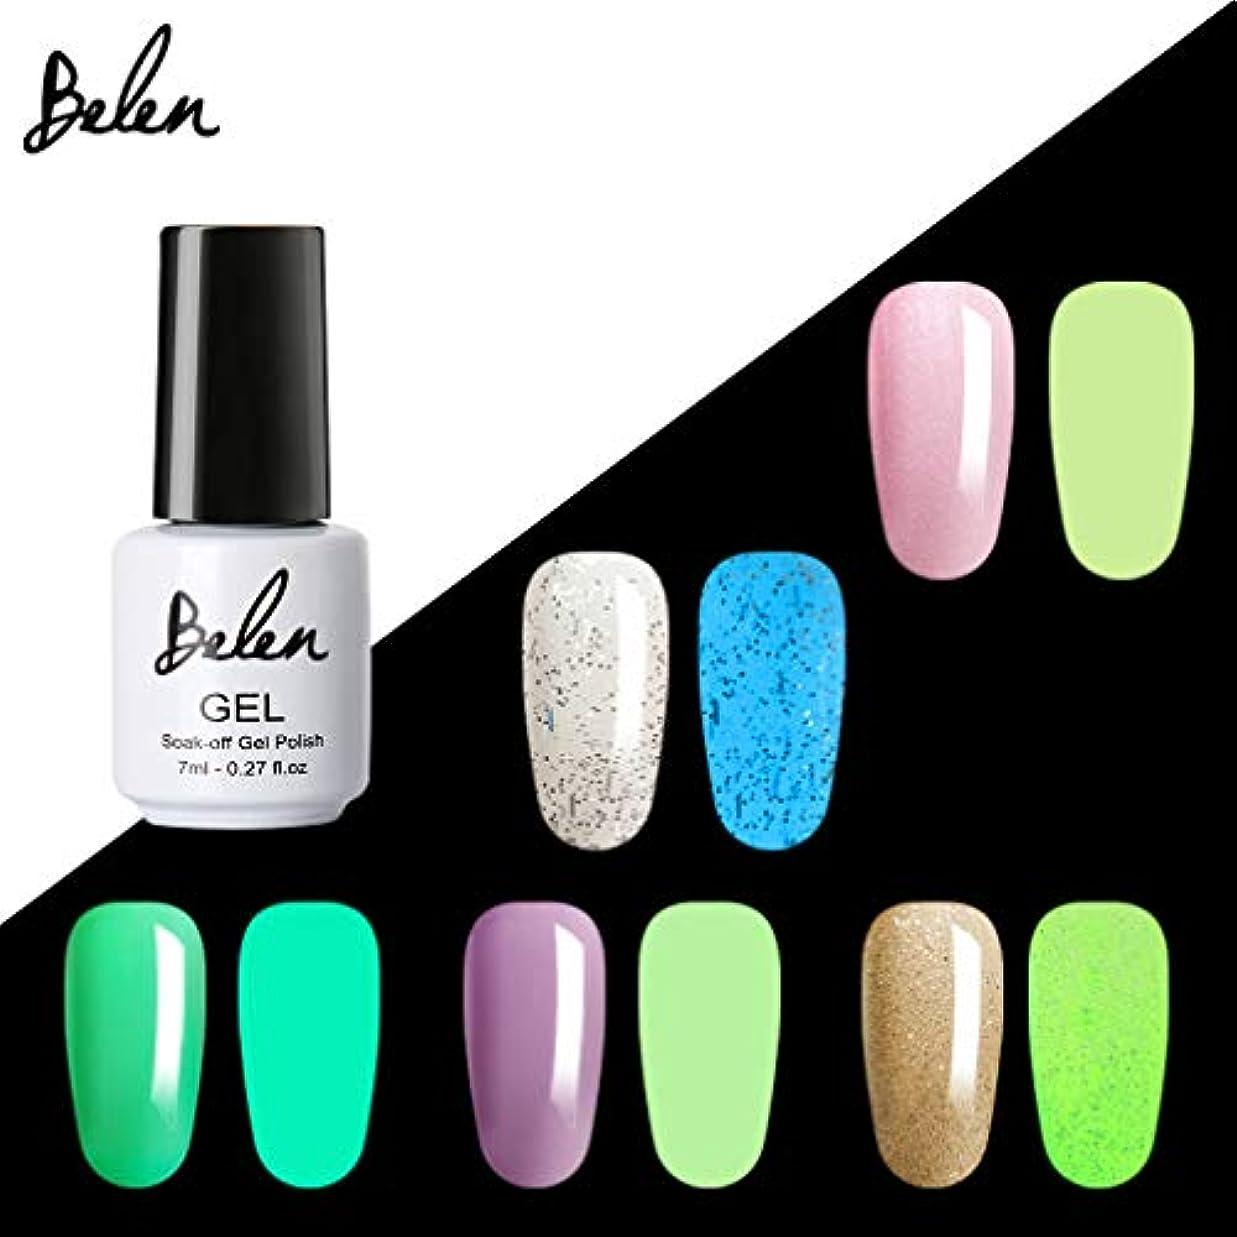 賢明な格差流出Belen ジェルネイル カラージェル 蛍光カラージェル 全10色入り 7ml 【全10色選択可】